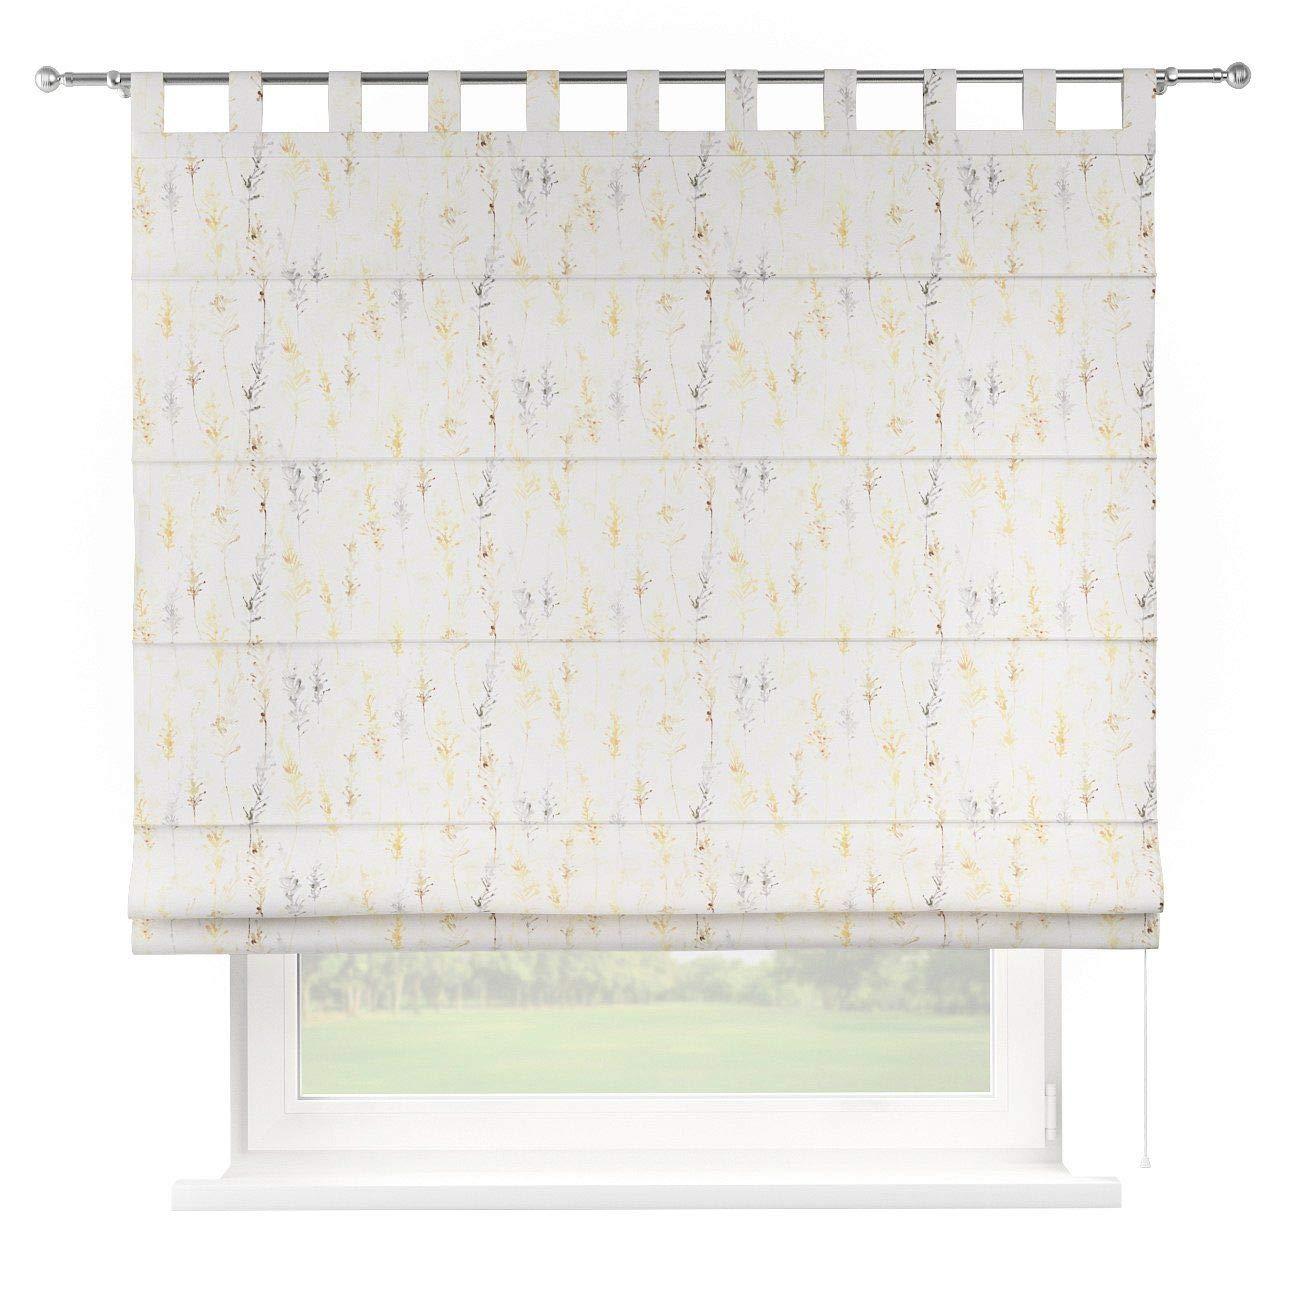 Dekoria Raffrollo Verona ohne Bohren Blickdicht Faltvorhang Raffgardine Wohnzimmer Schlafzimmer Kinderzimmer 160 × 170 cm gelb-grau Raffrollos auf Maß maßanfertigung möglich